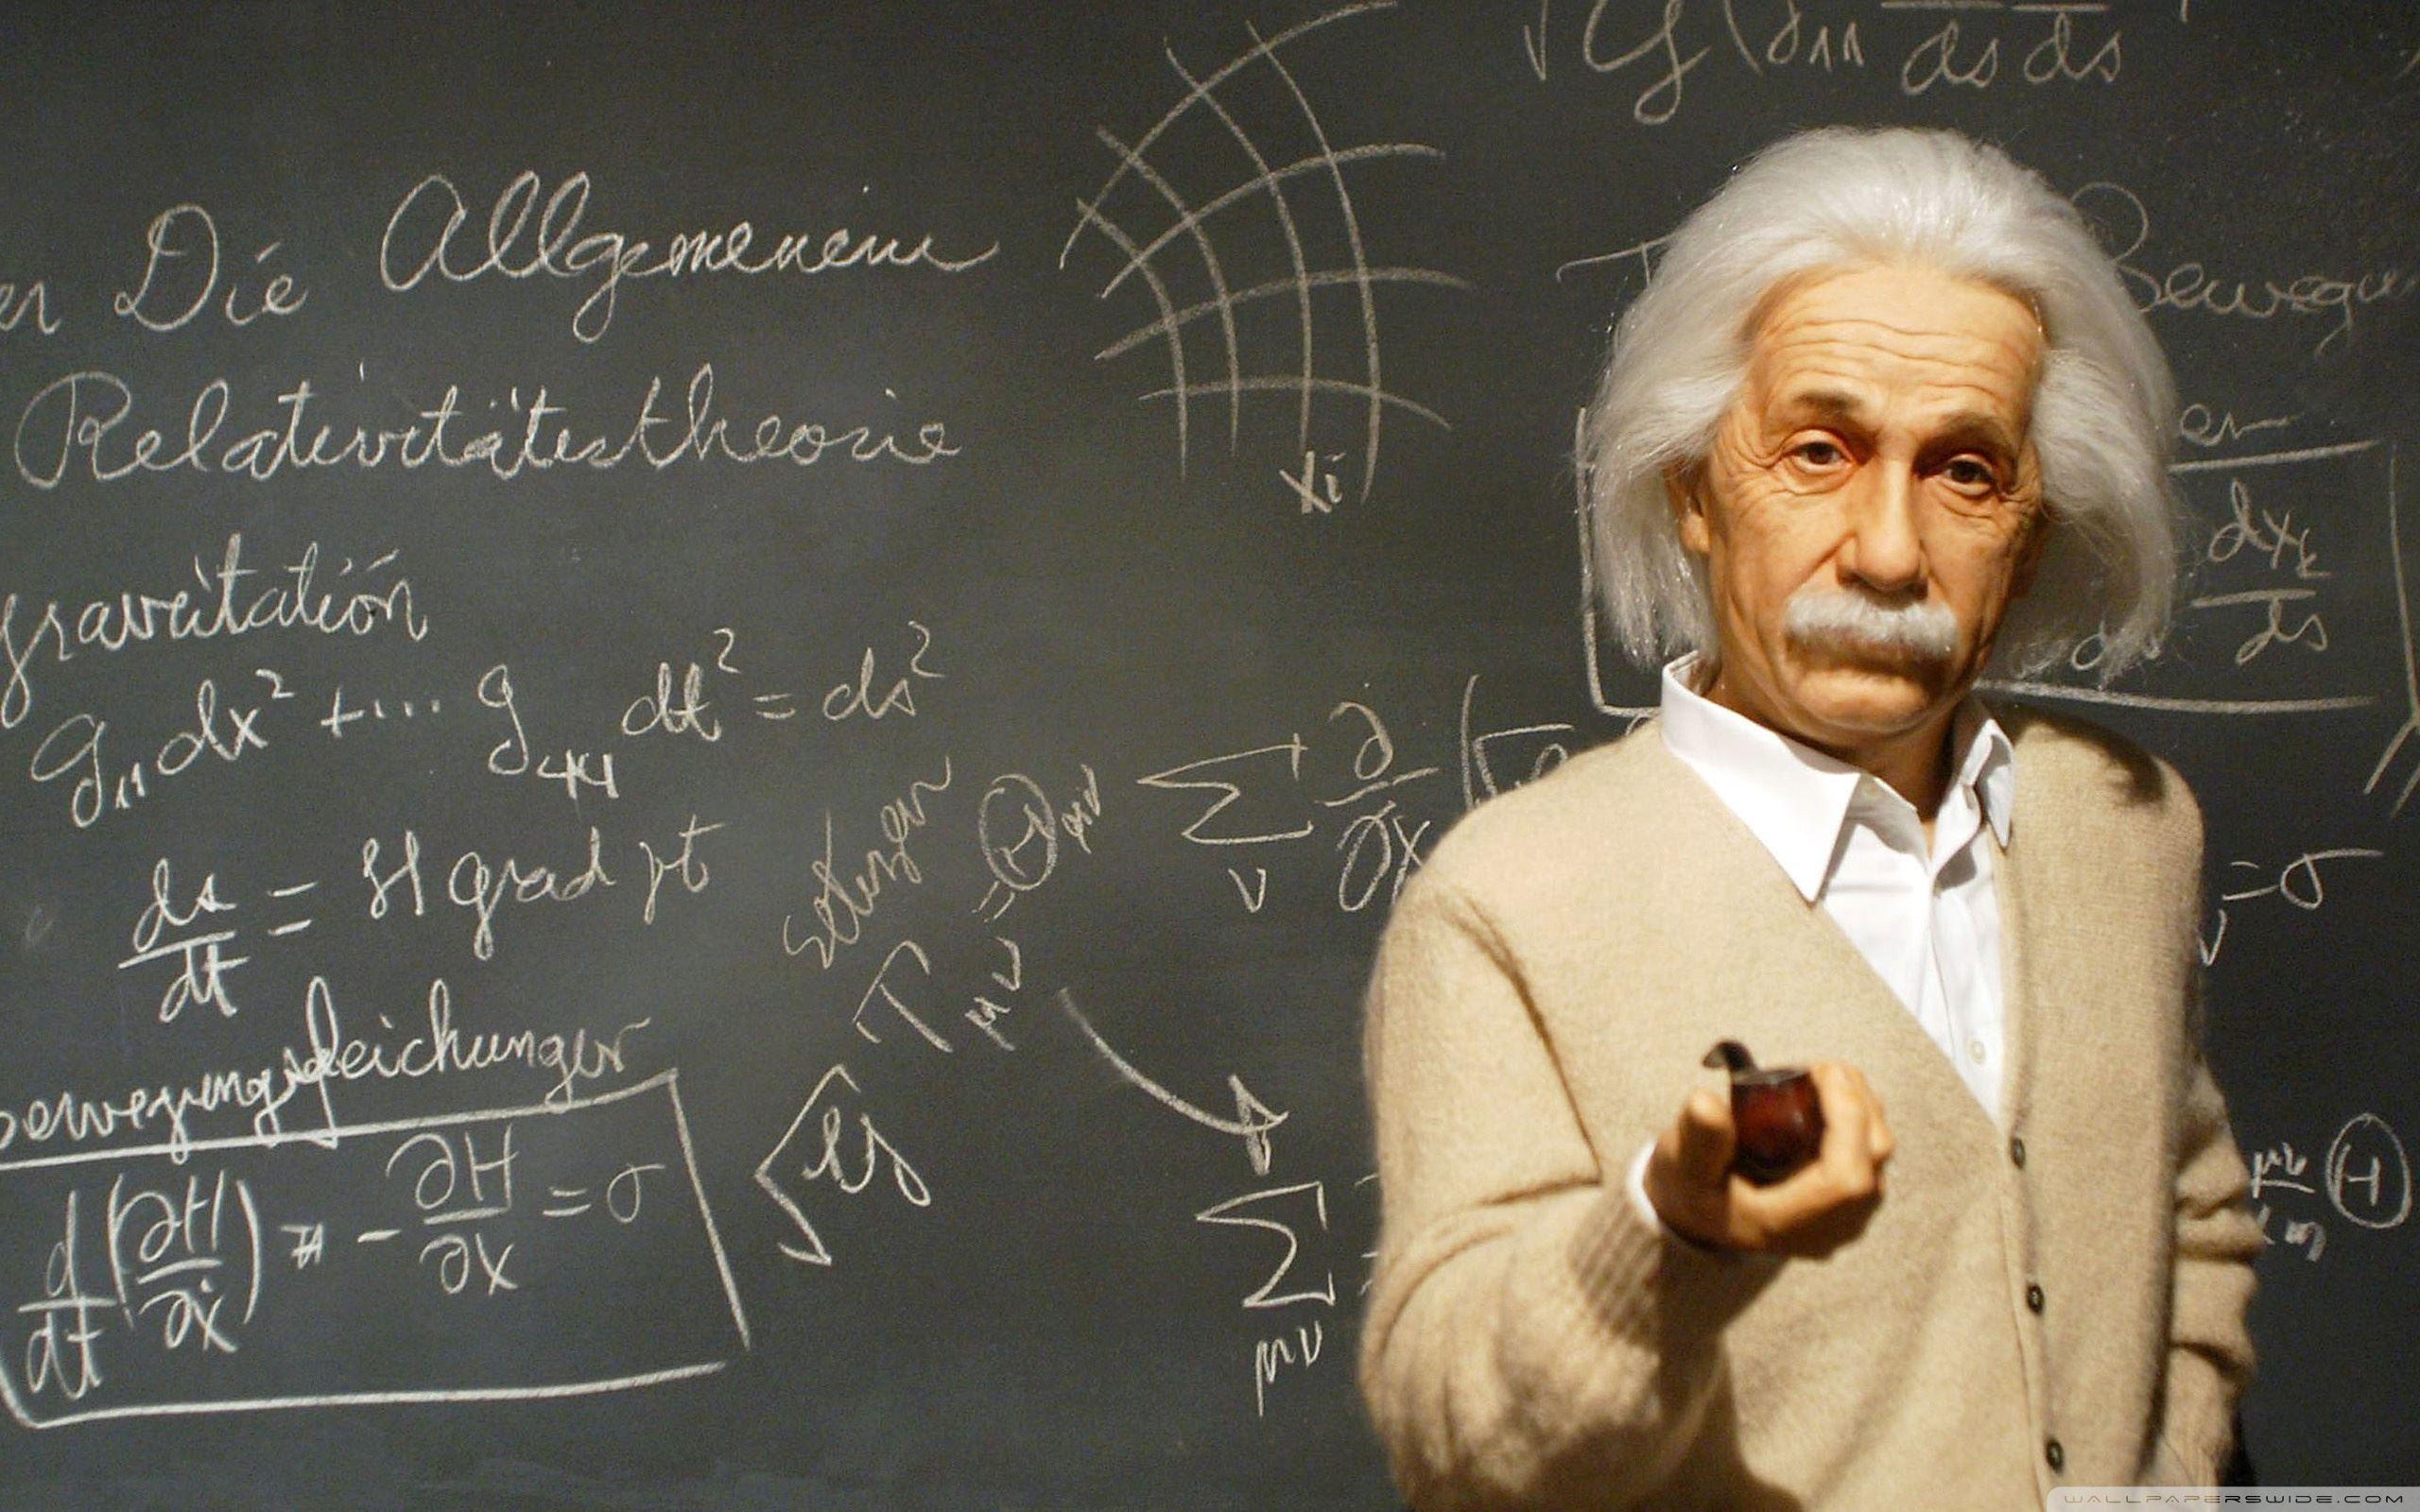 Albert Einstein Vintage Wallpapers Hd 42742 Youpic Us In 2020 Einstein Albert Einstein Learning Games For Kids